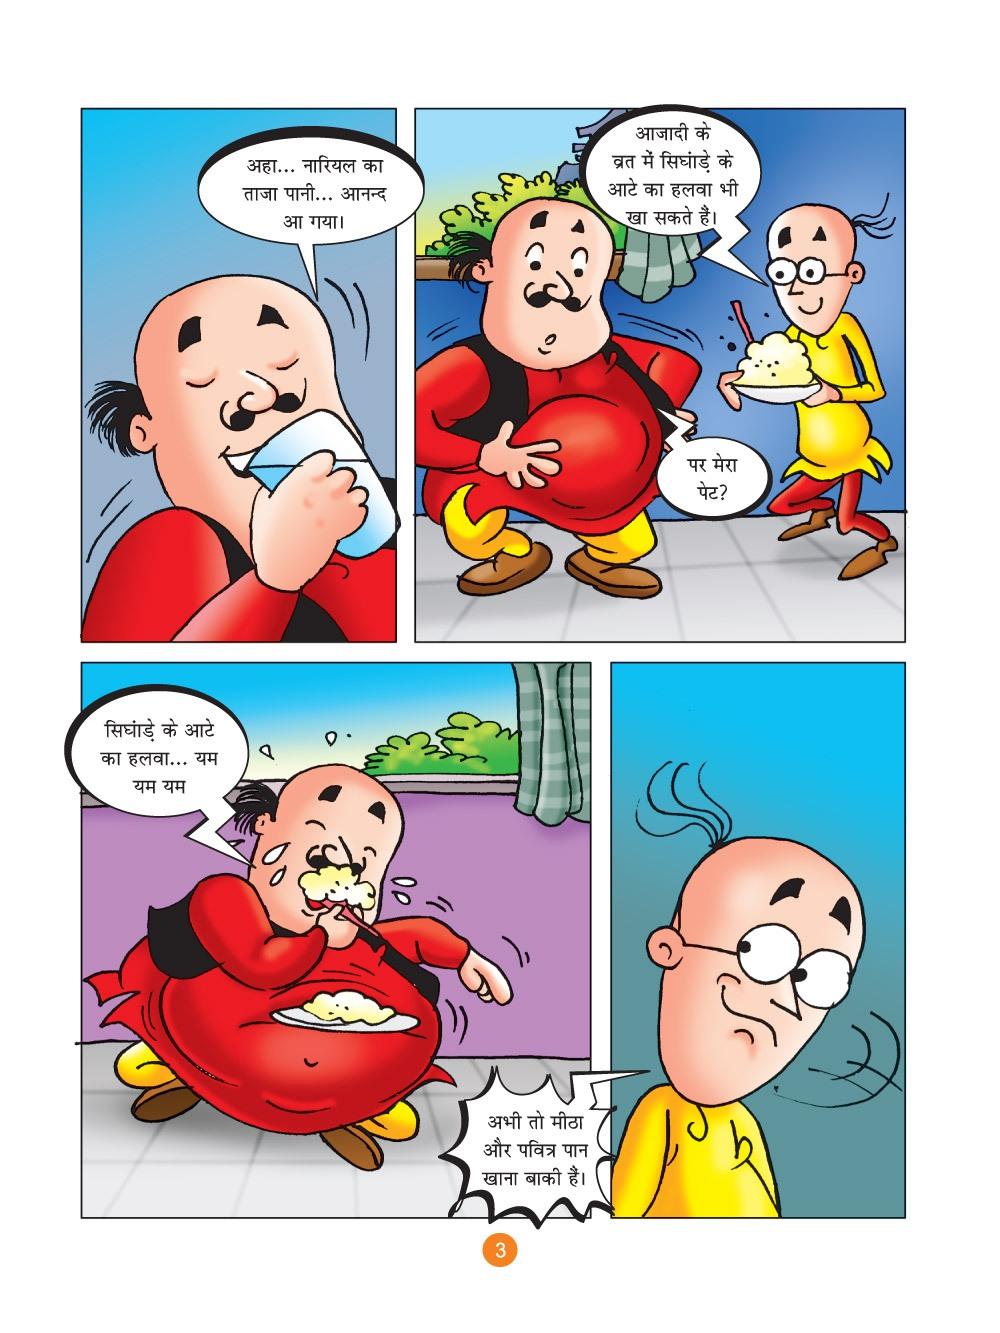 मोटू पतलू की कॉमिक्स- (Motu Patlu Ki Comics) स्वतंत्रता दिवस का व्रत :